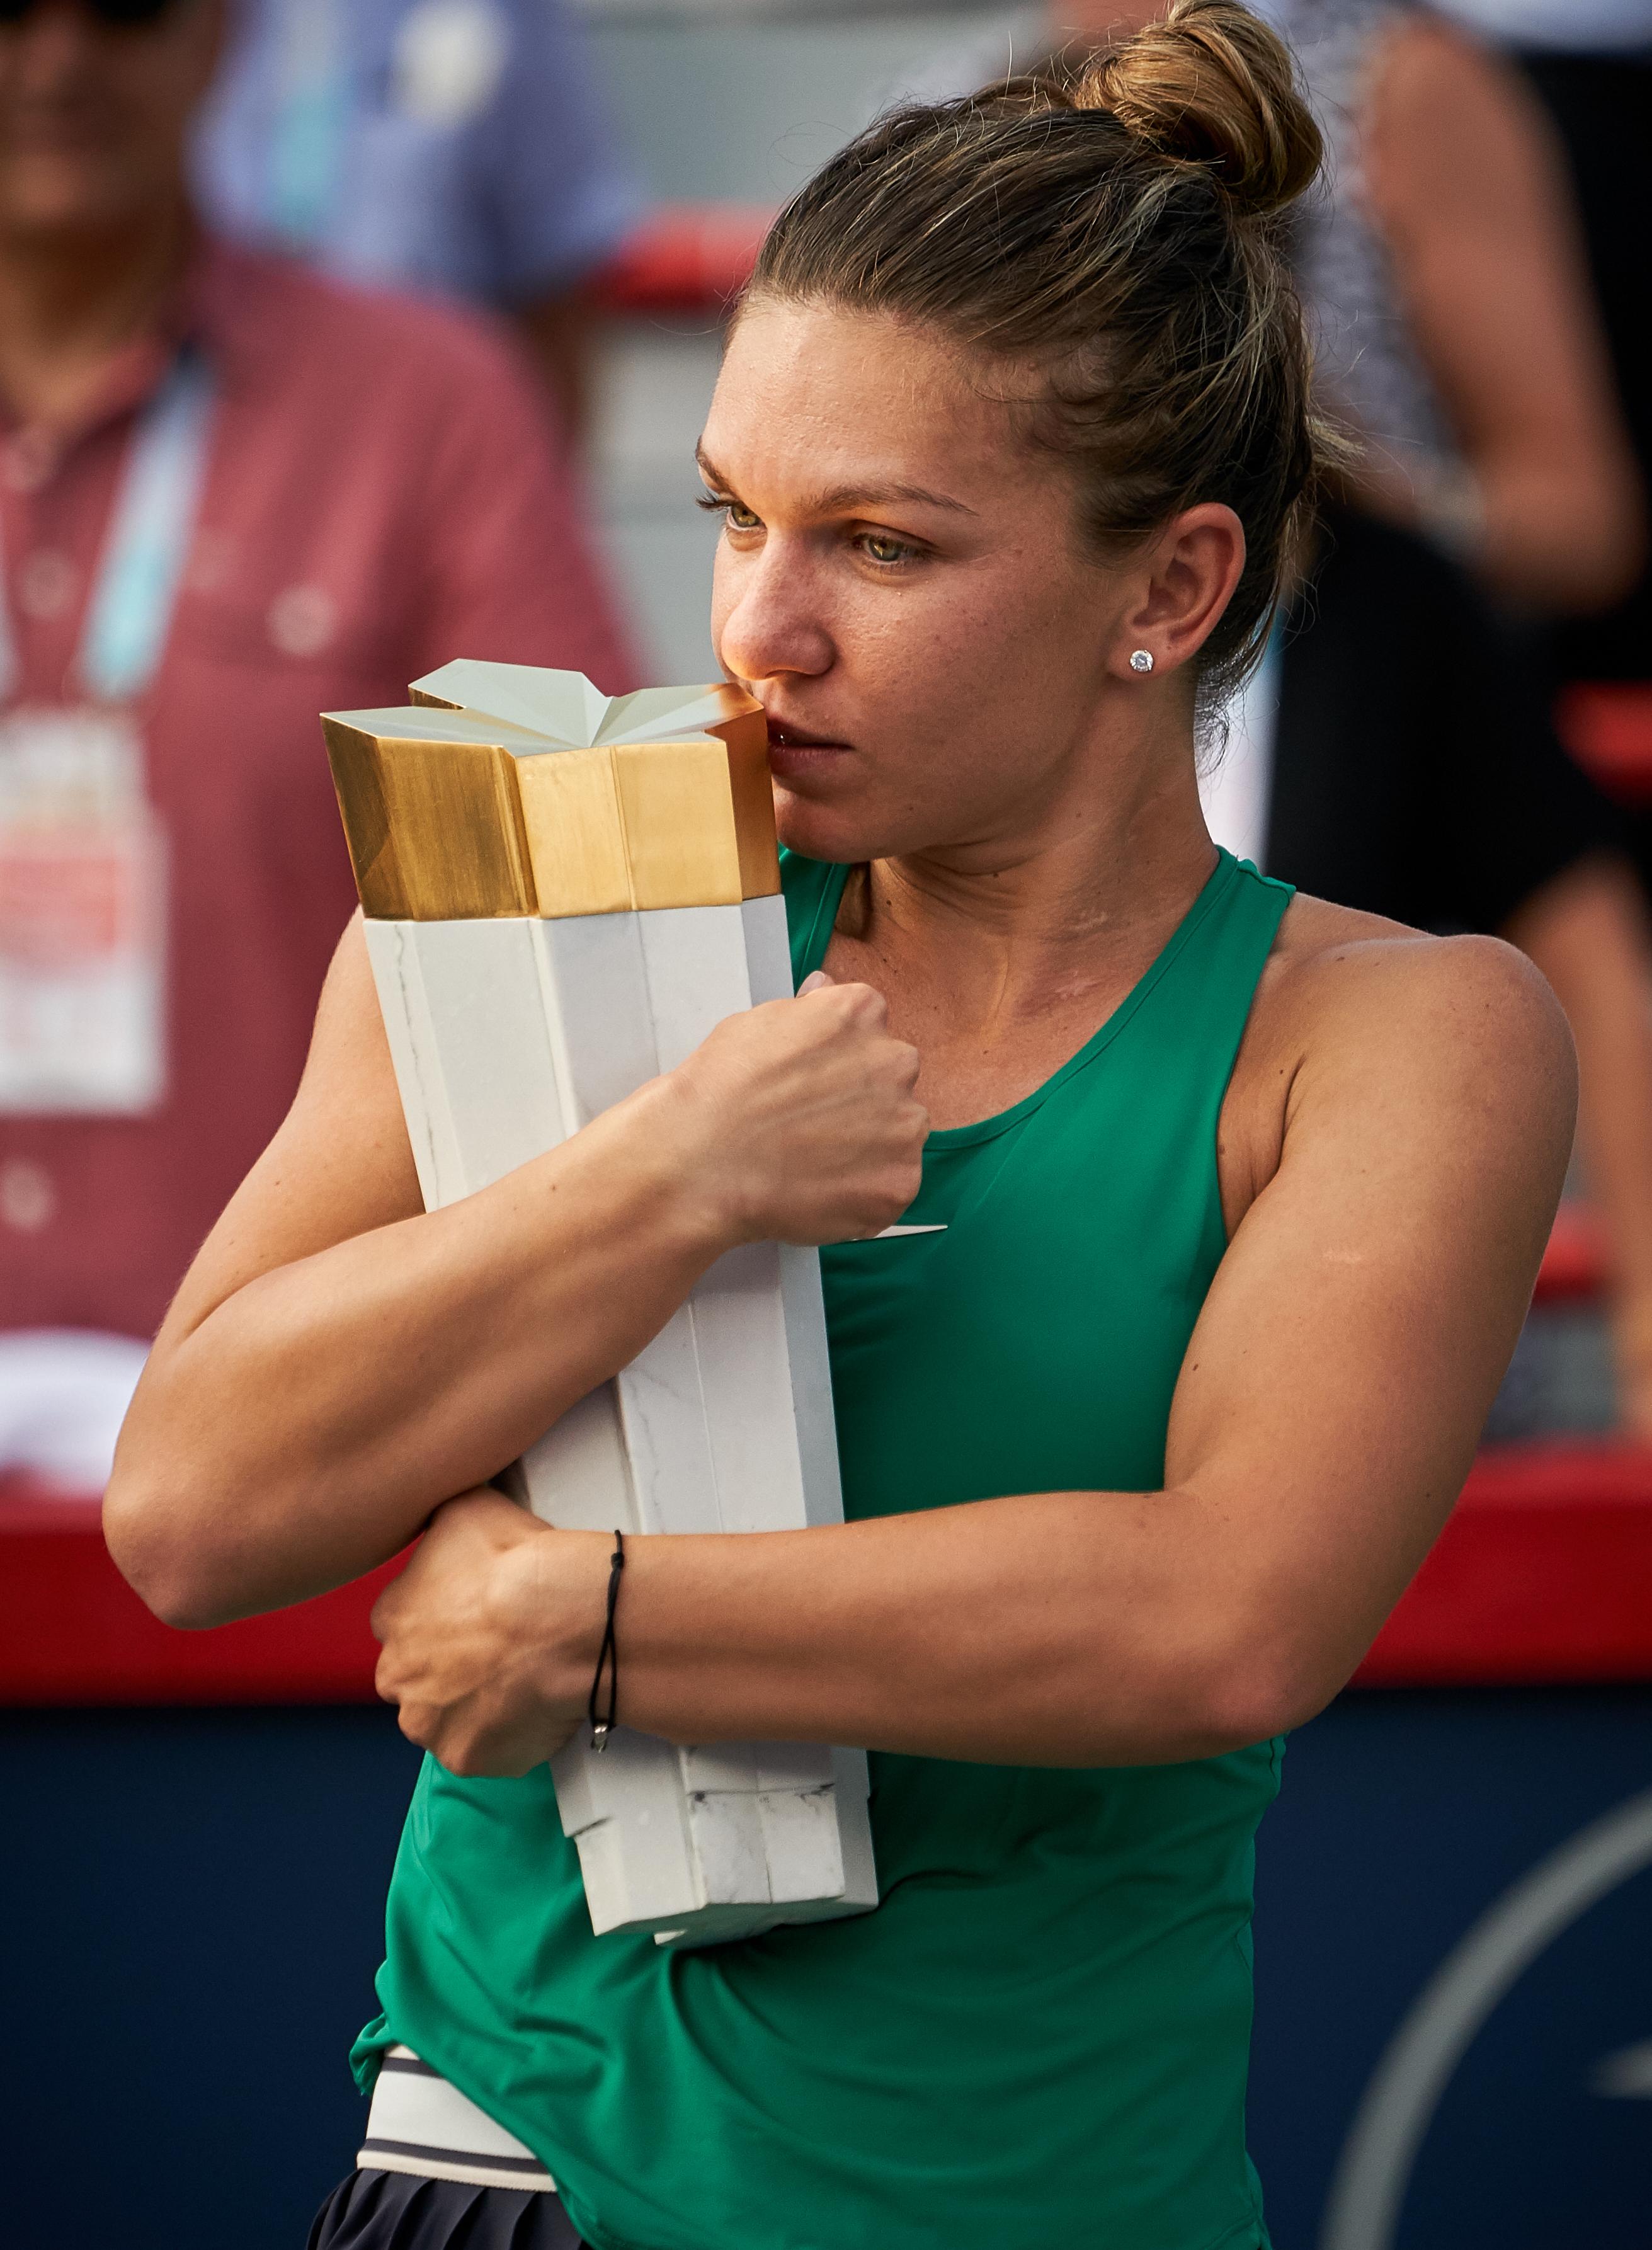 Așa arată palma dreaptă a Simonei Halep după câștigarea turneului de la Montreal